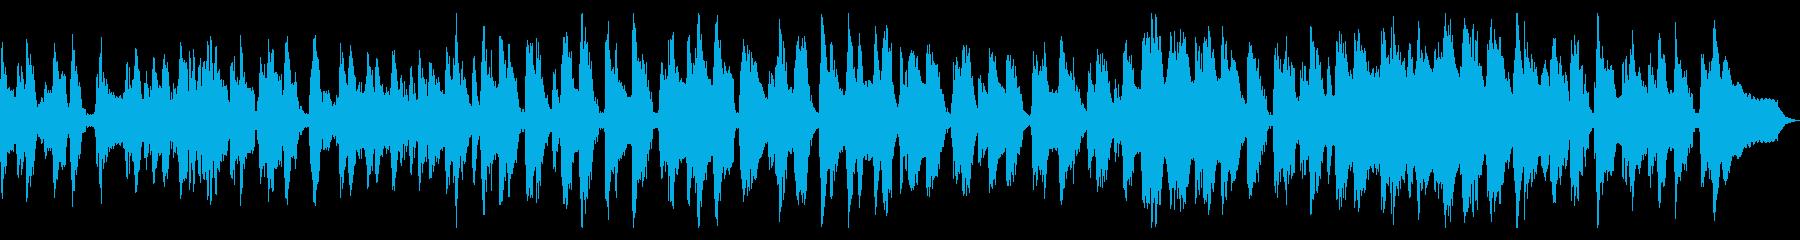 30秒の渋いクラリネット怪しくおどけた曲の再生済みの波形